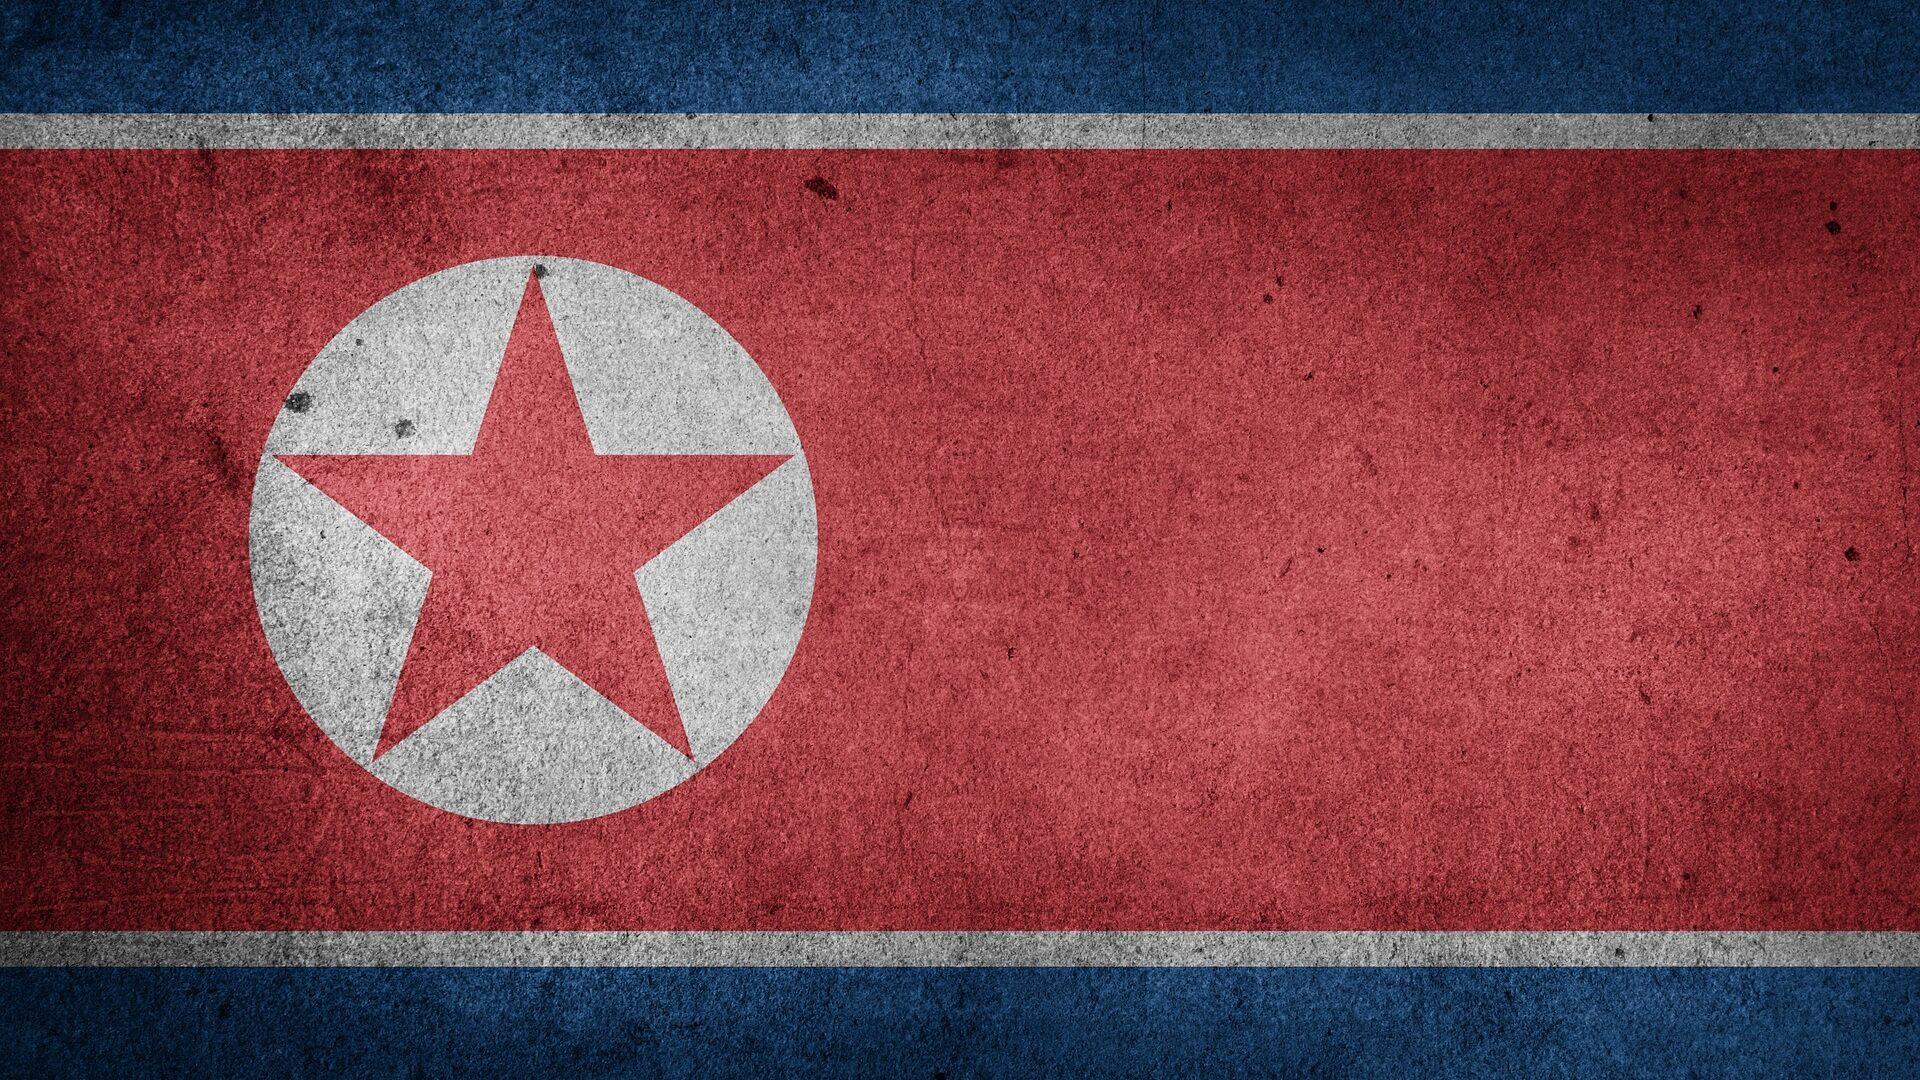 Flüge nach Nordkorea